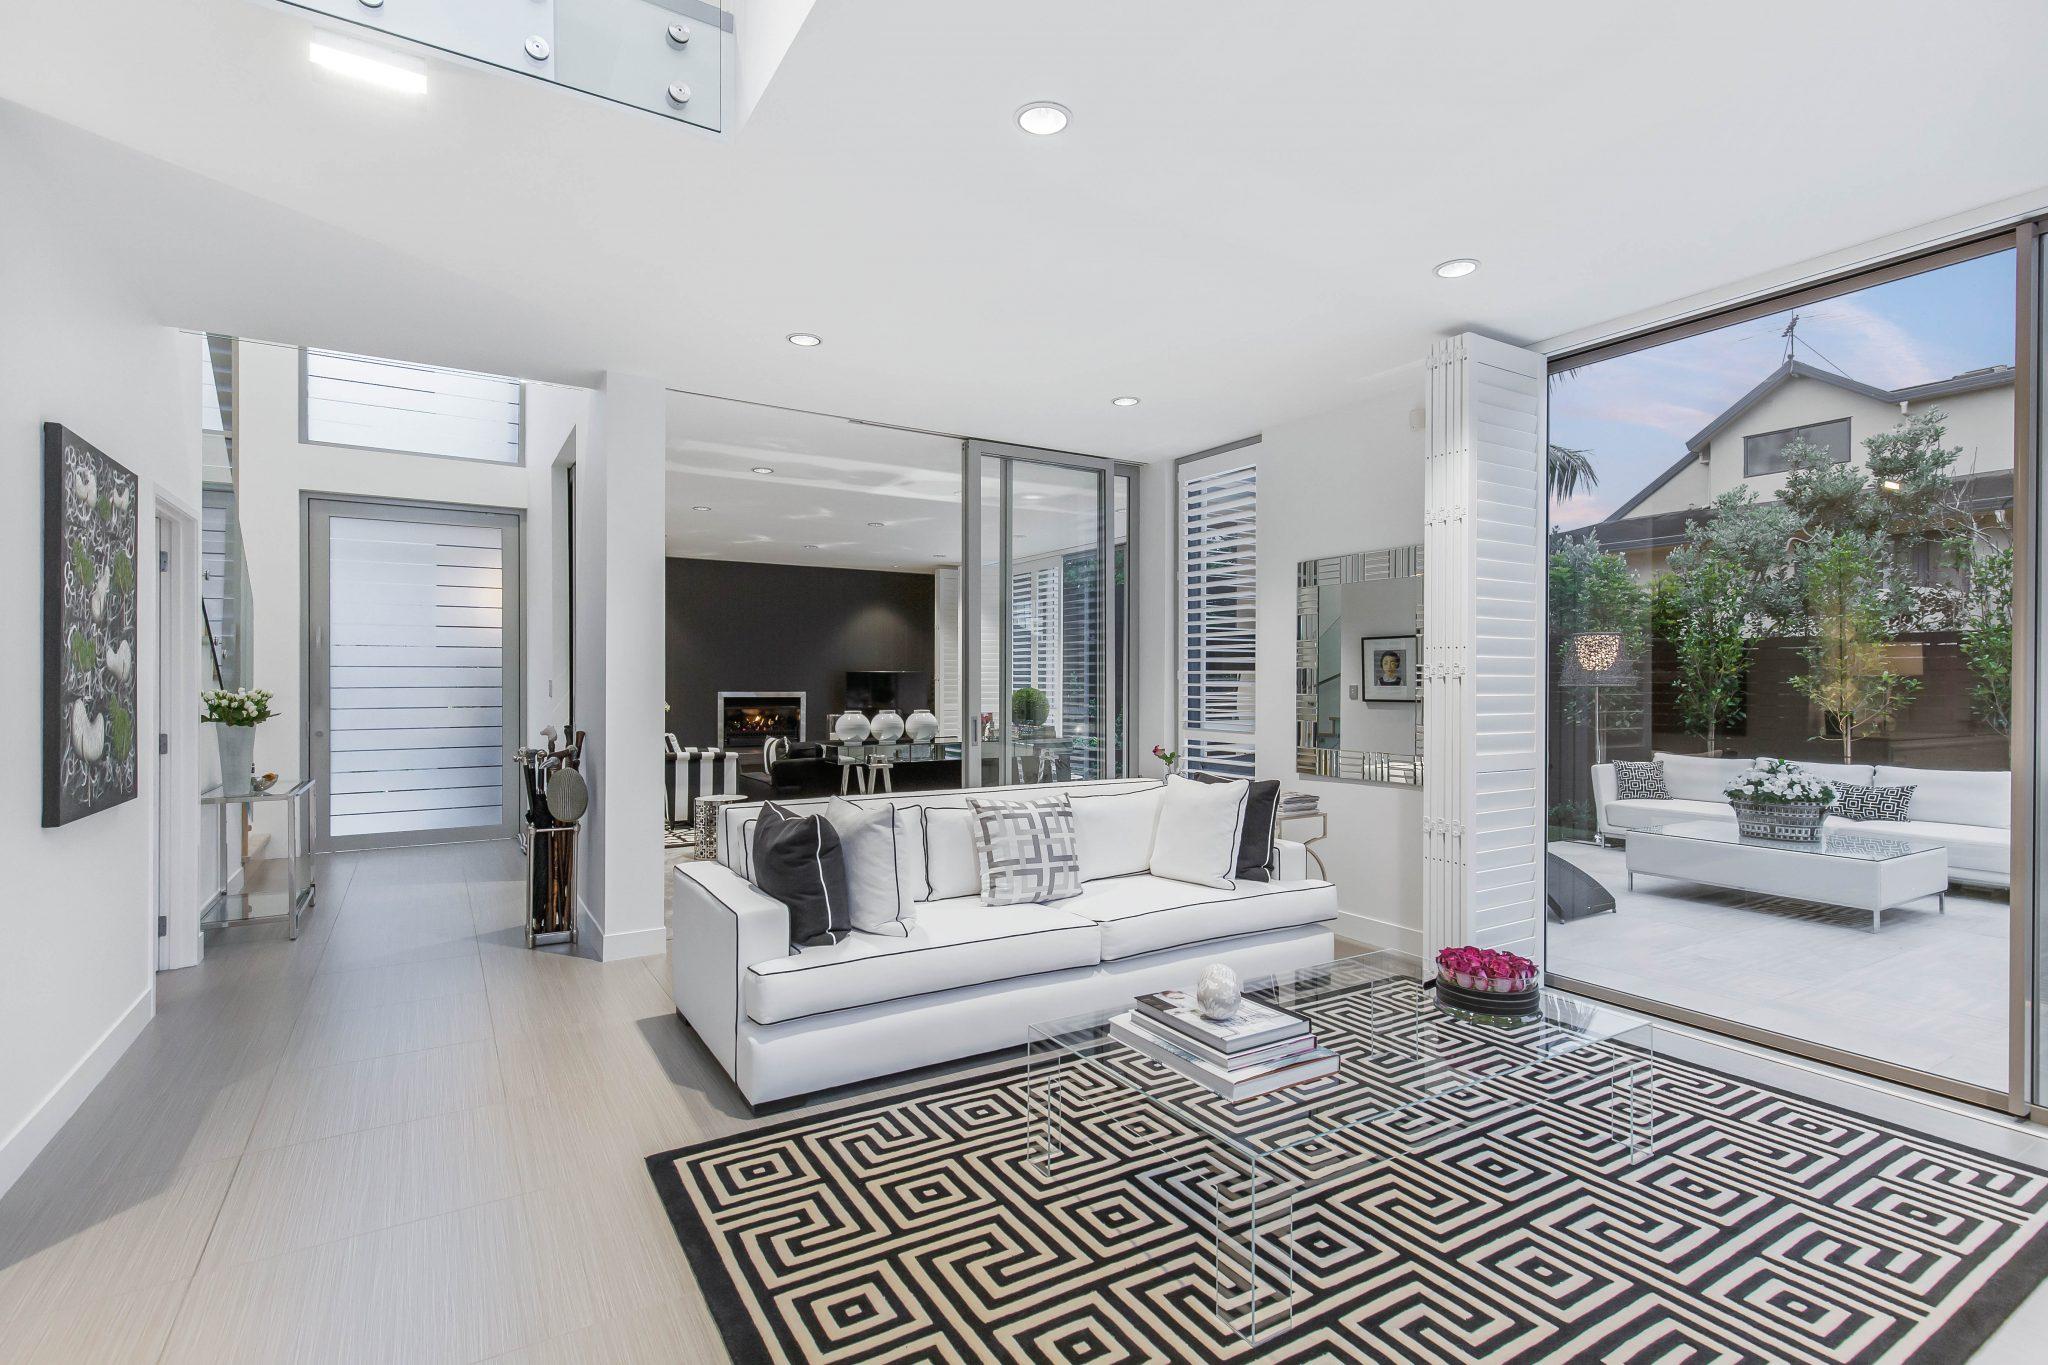 sydney interior designer andrew loader design